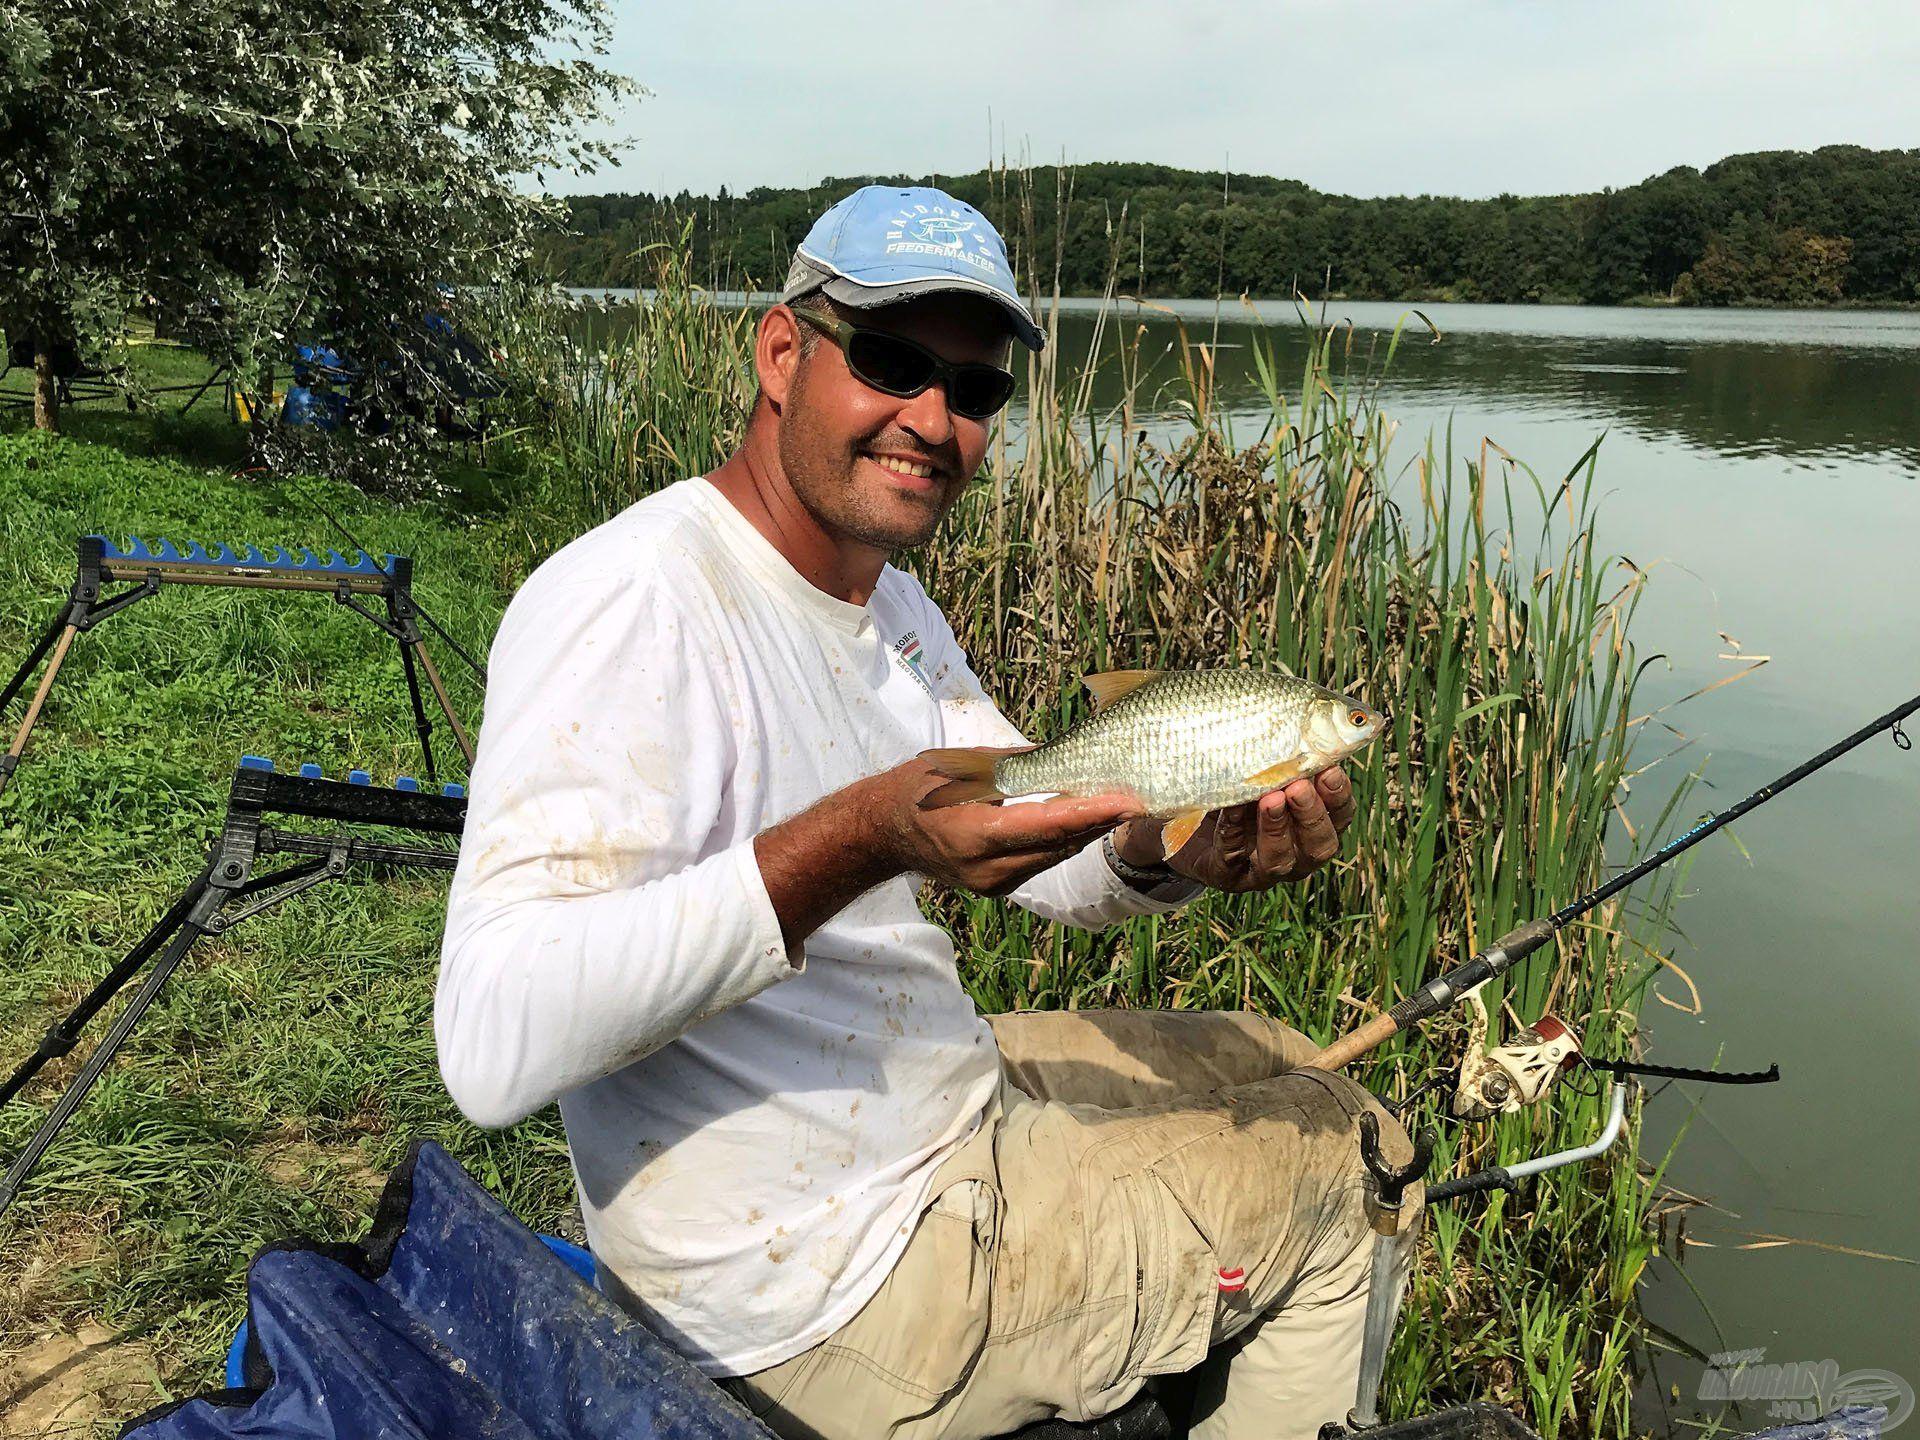 A tó változatos halfaunája igazán szórakoztatóvá tette a horgászatot